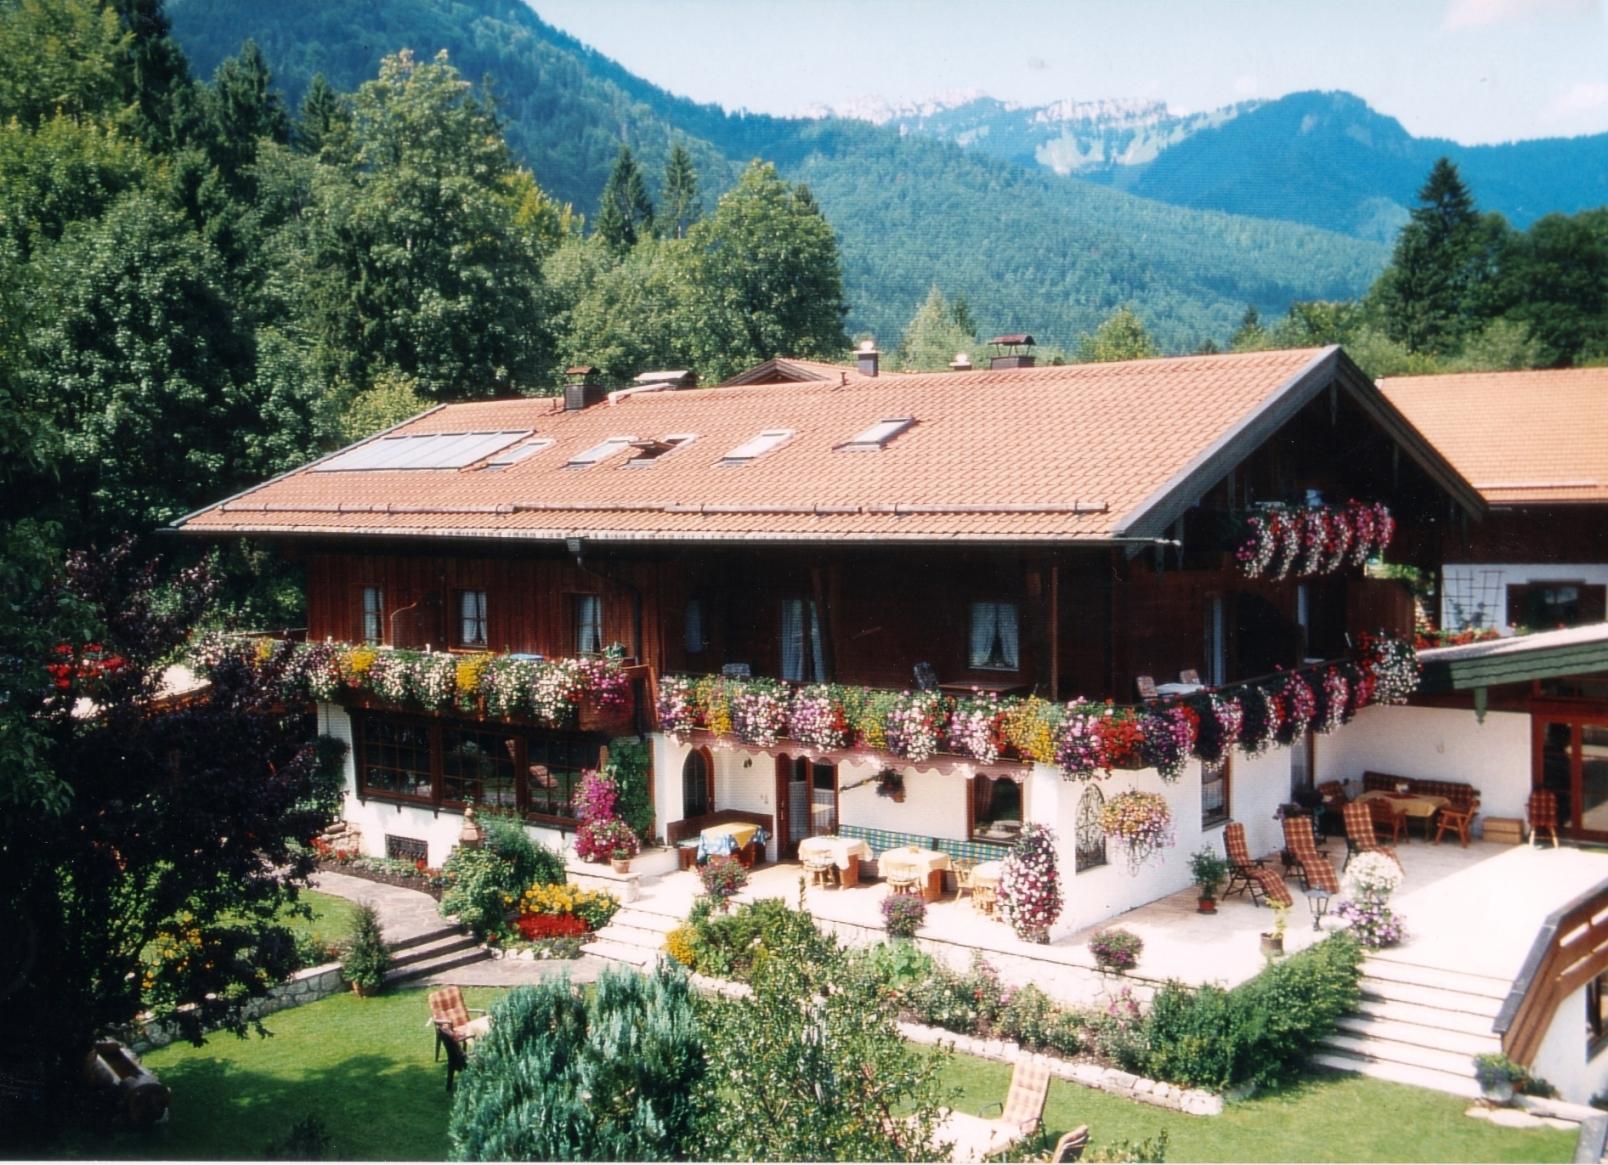 Ferienwohnung Gästehaus Hächer (DE Schleching). Ferienwohnung Nr. 3 bis 2 Pers., 32 qm Studio Rudersburg (711547), Schleching, Chiemgau, Bayern, Deutschland, Bild 1